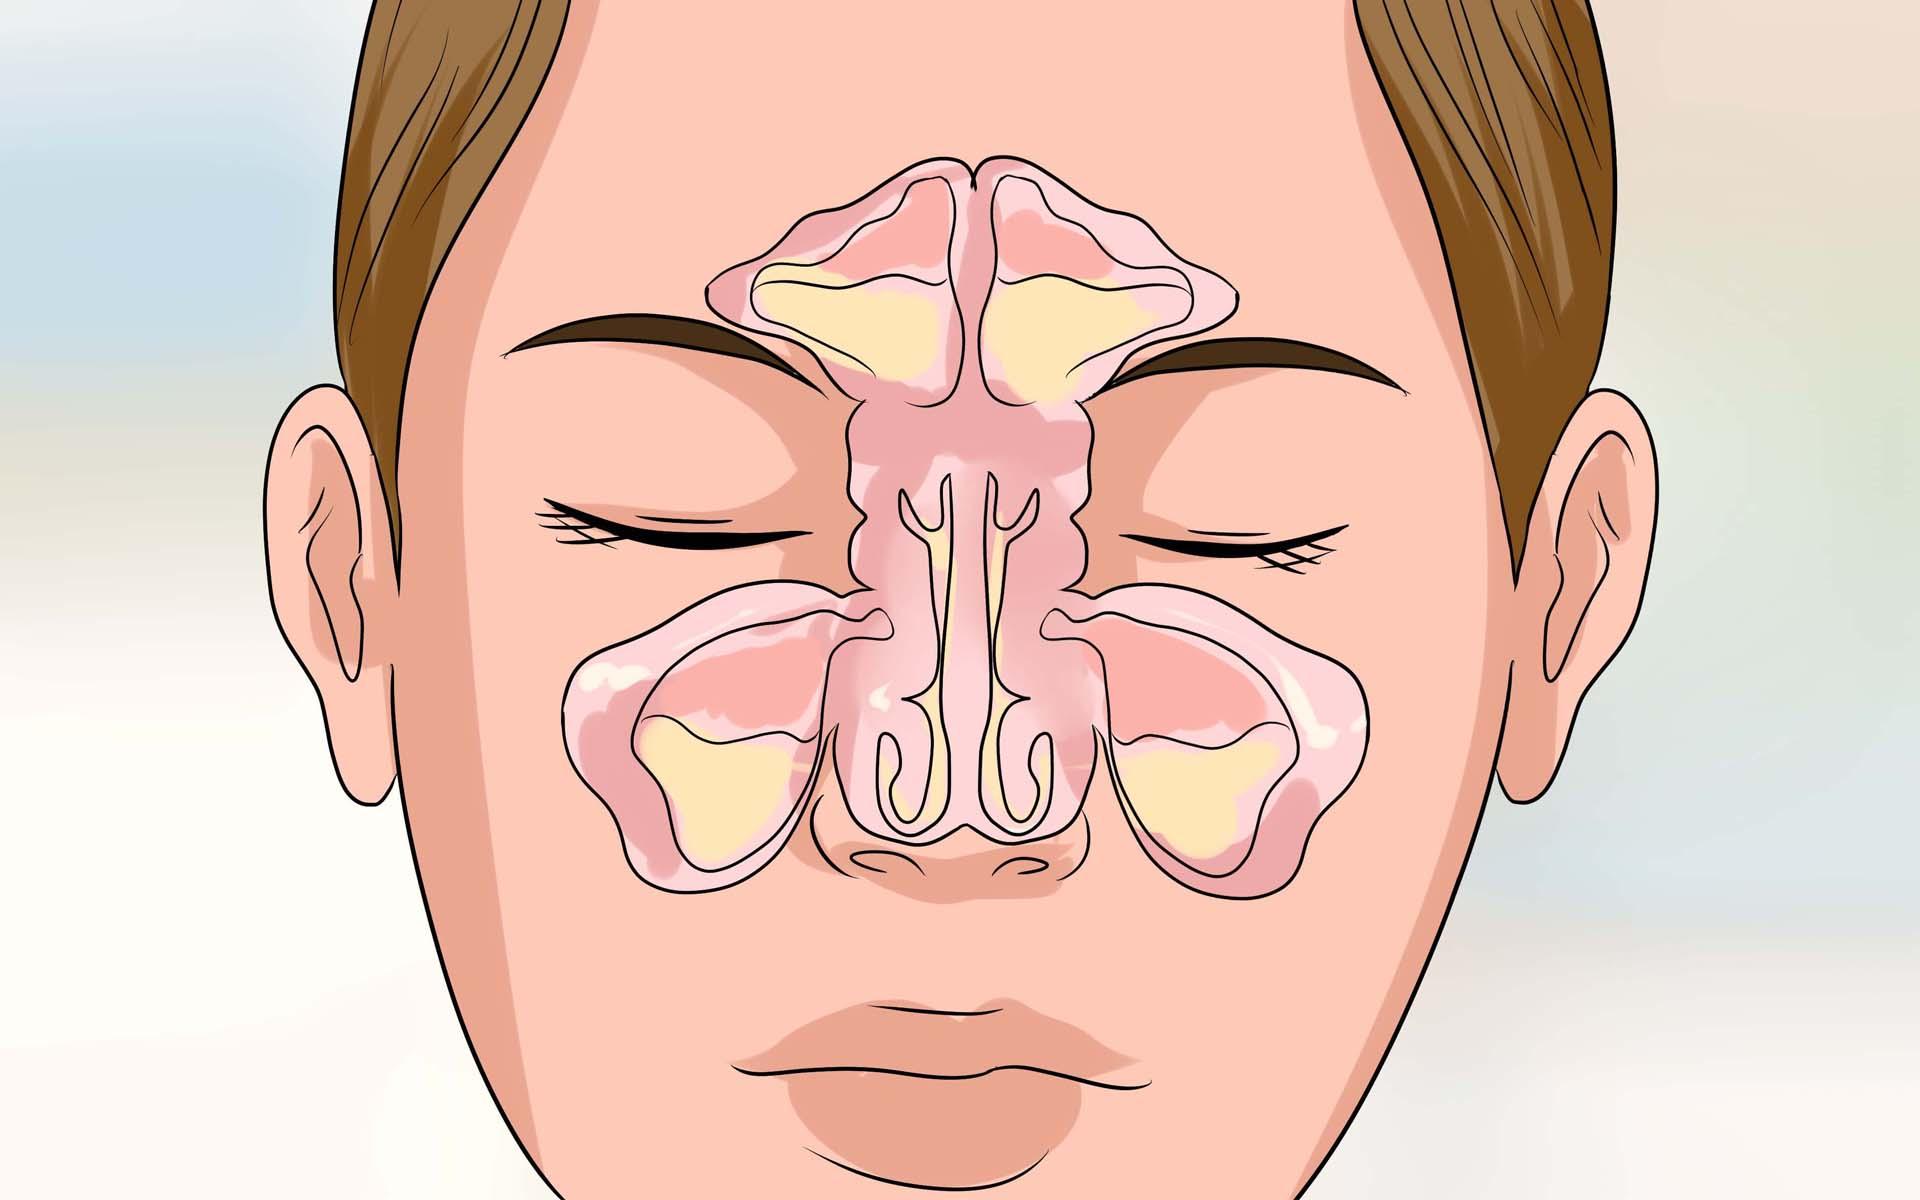 воспаление гайморовых пазух